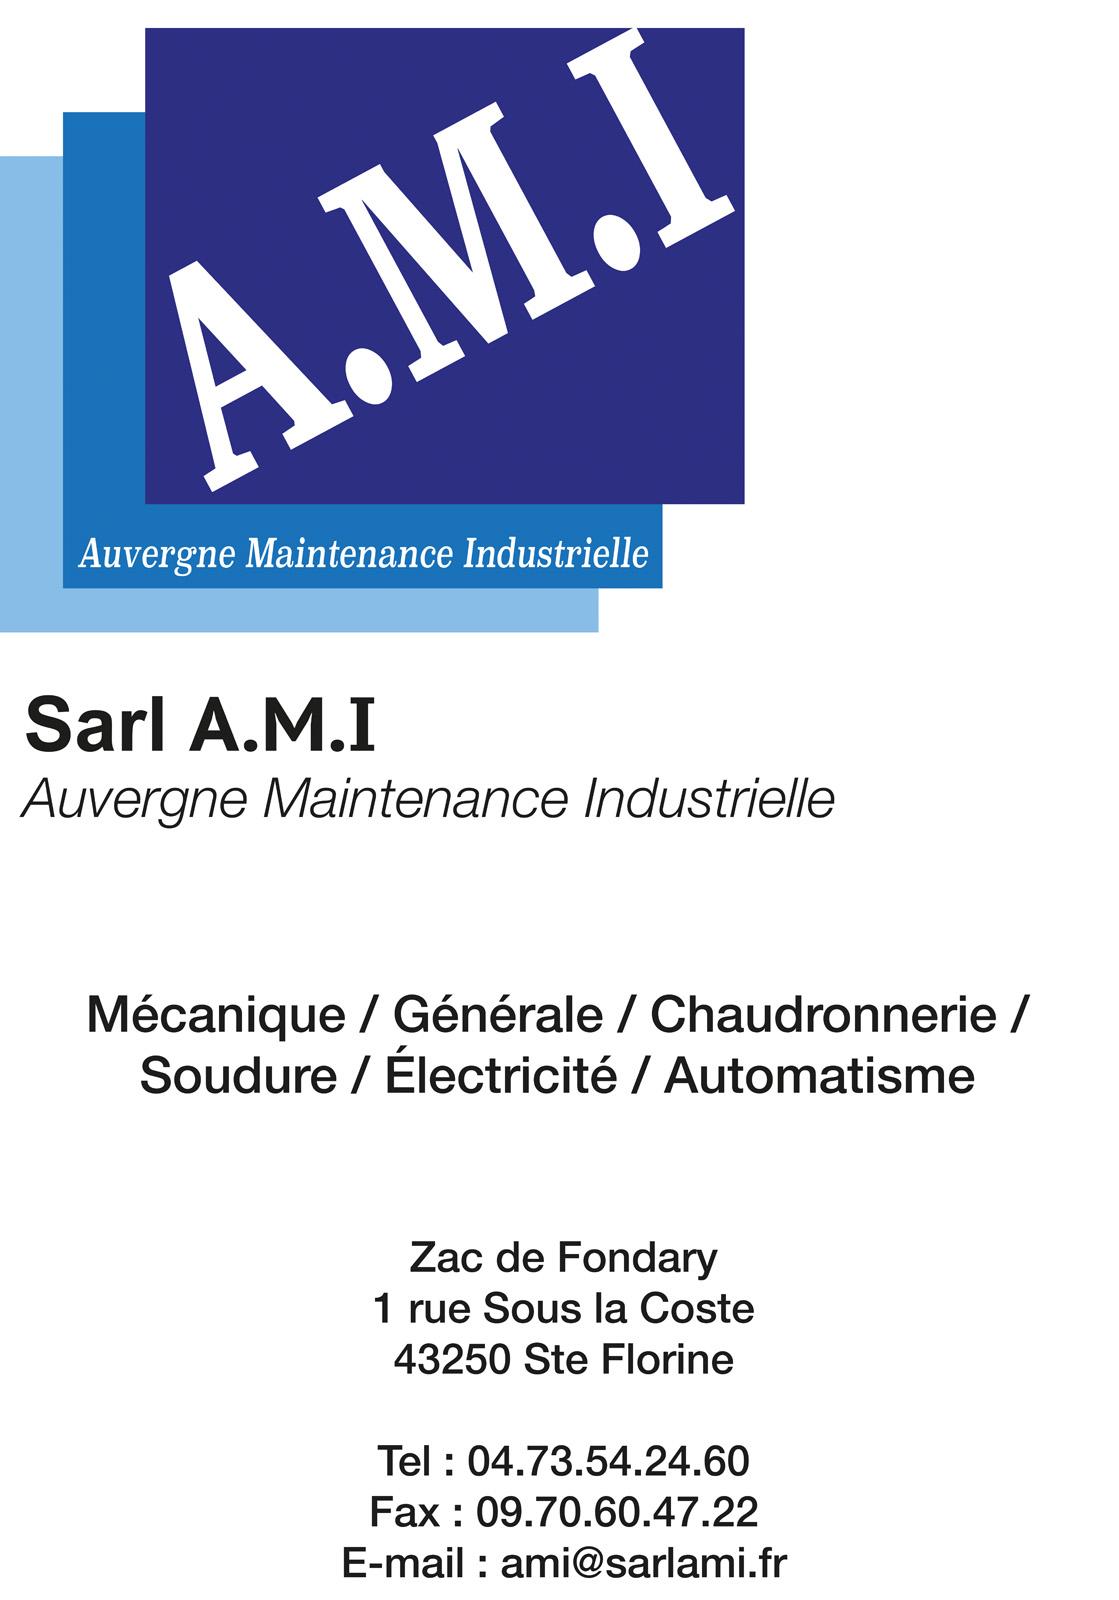 logo Auvergne Maintenance Industrielle